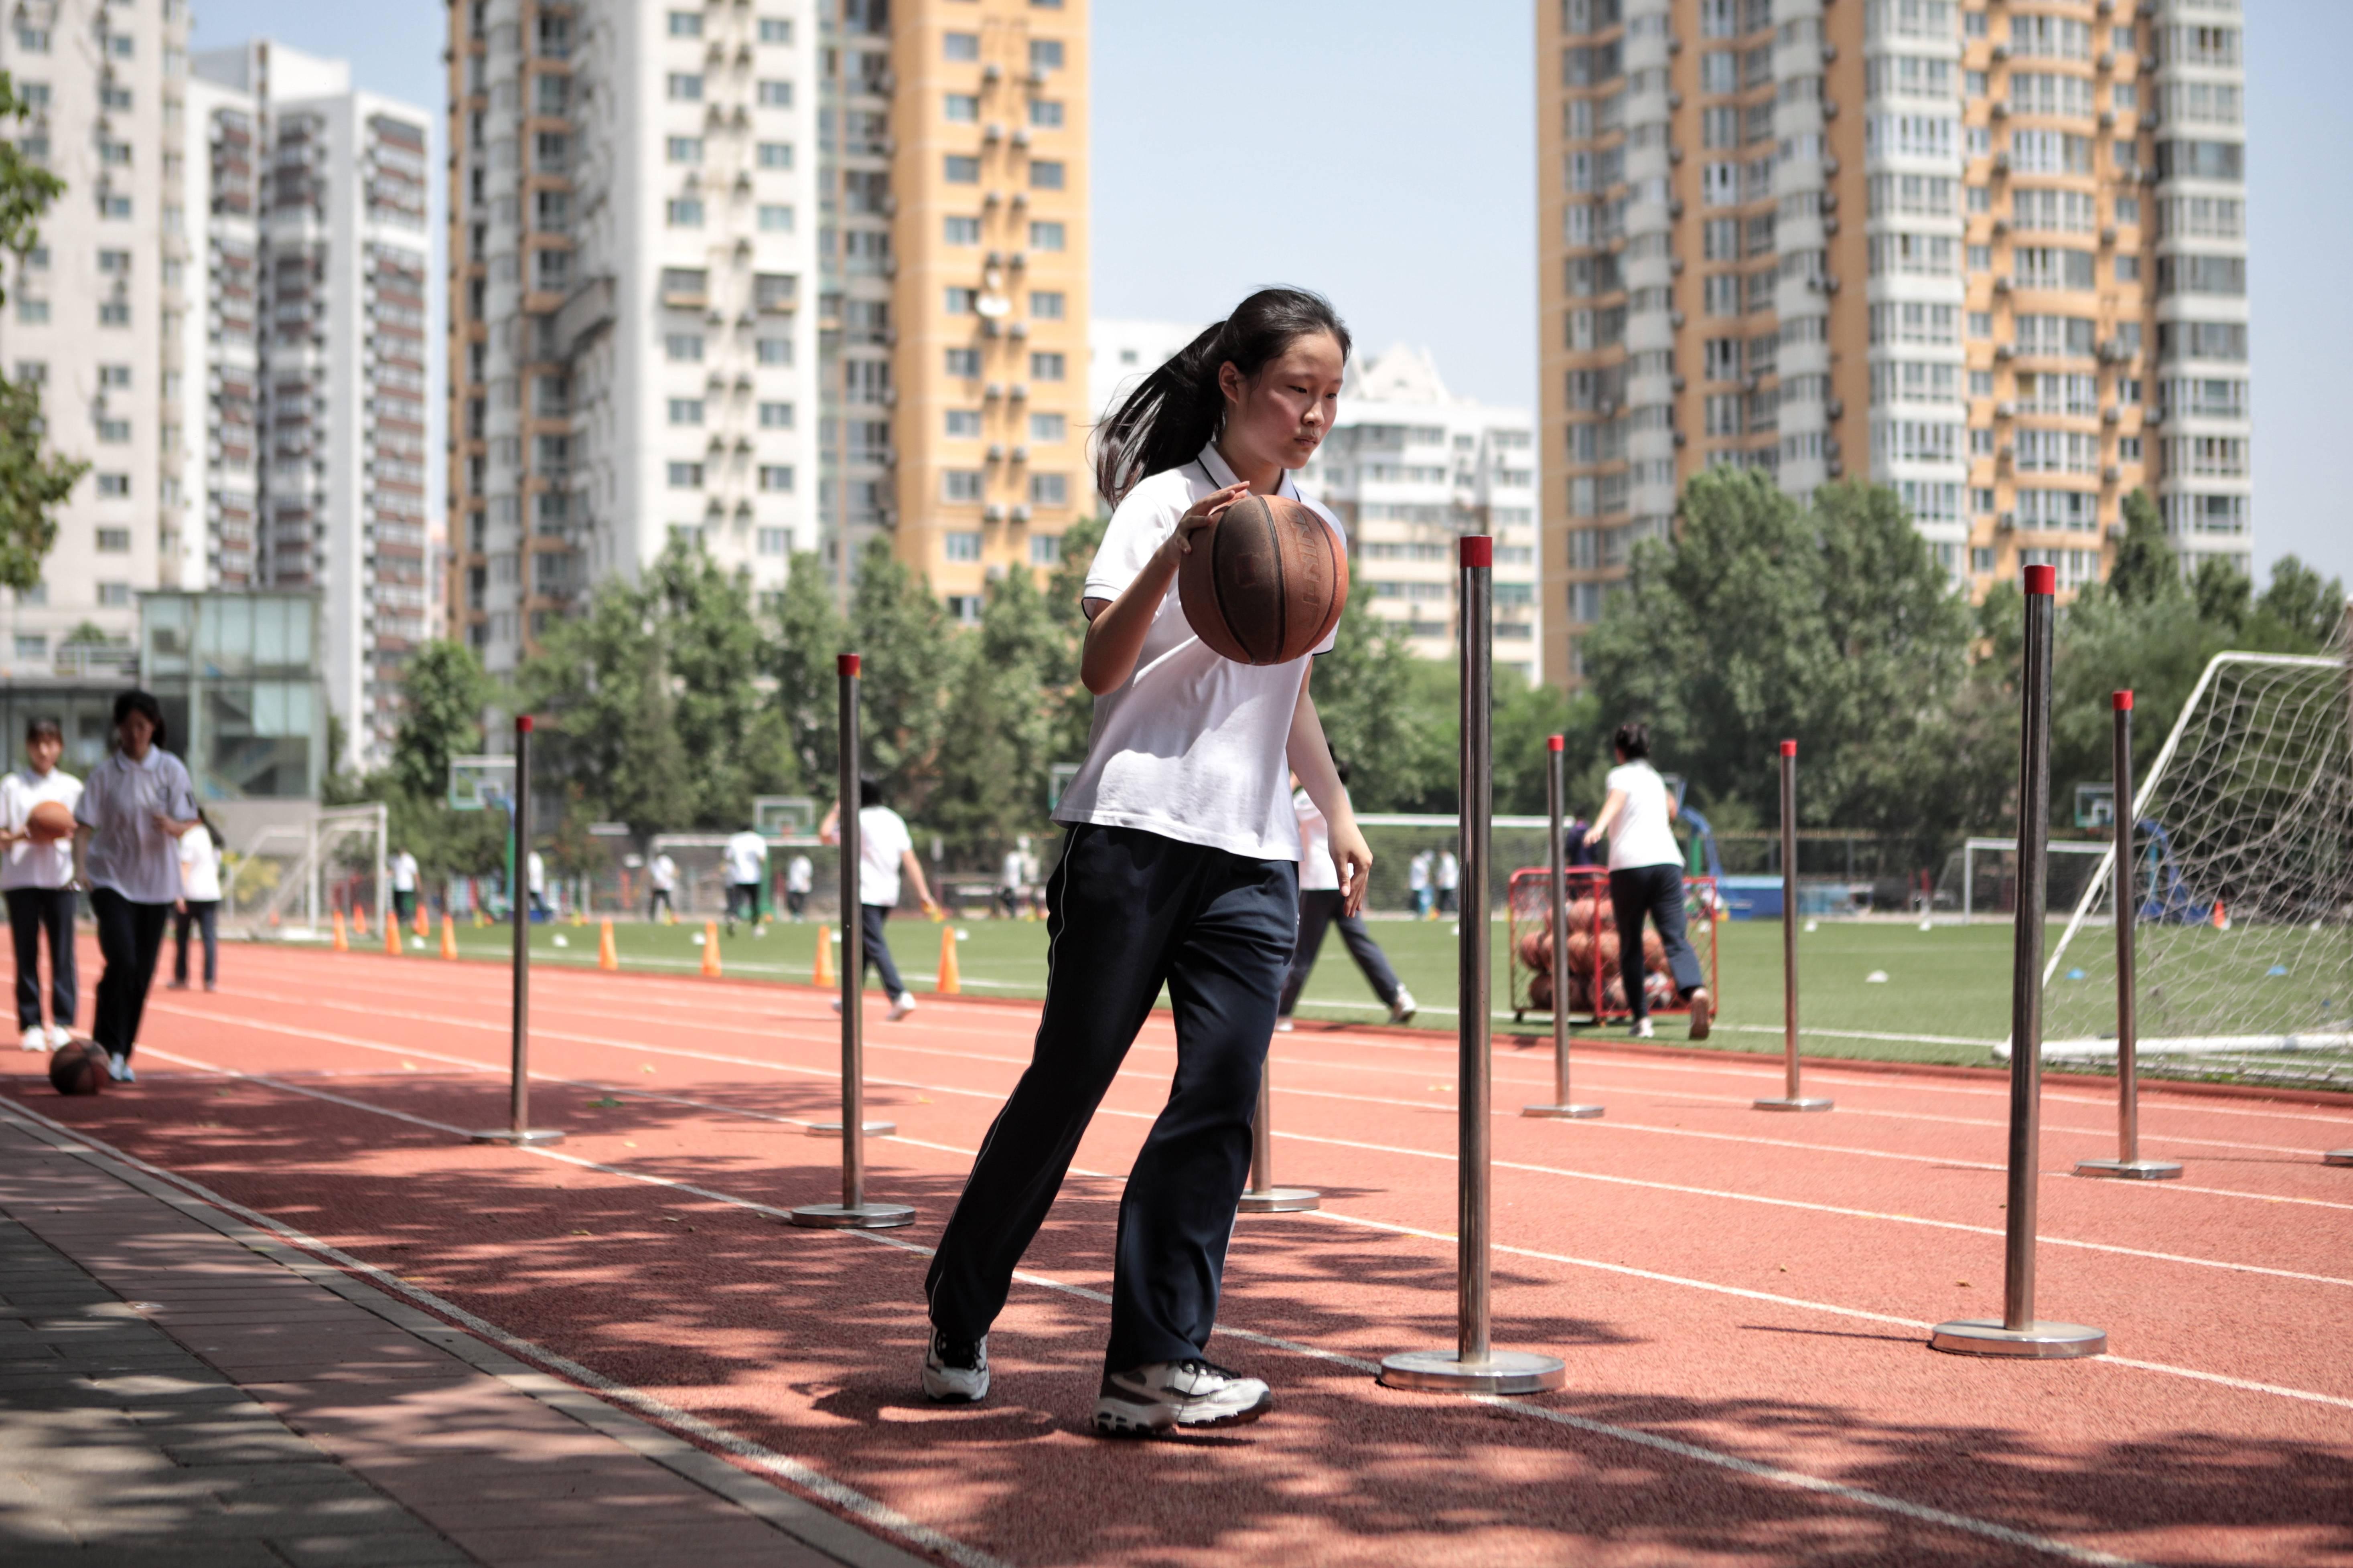 血拼三张官方下载:6月10日中考体育迎首考 学生随堂测、完成即得分